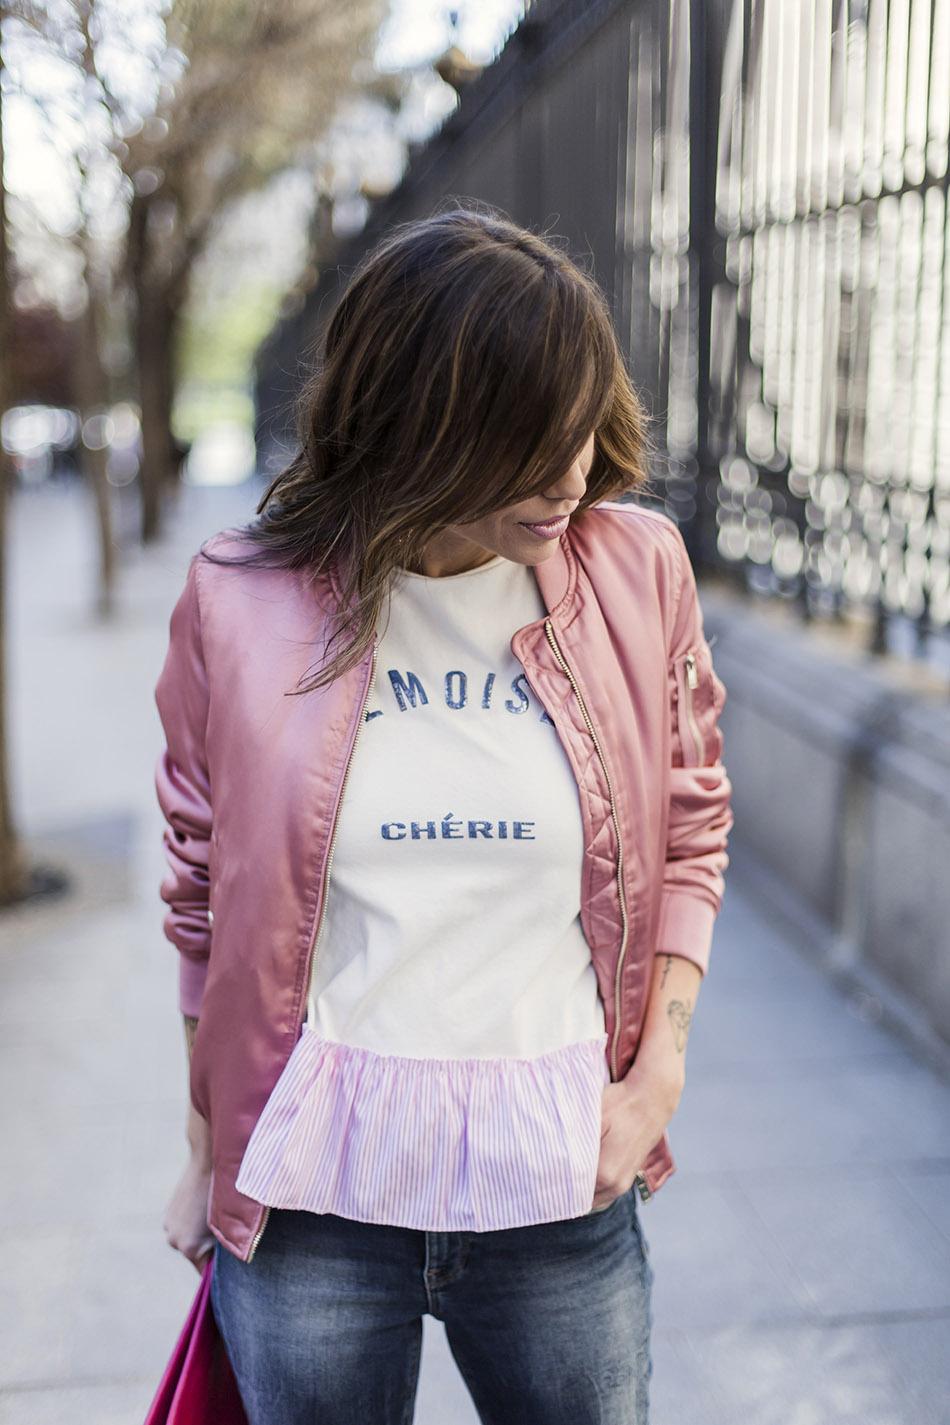 look de street style con camiseta blanca con mensaje y detalle de volante rosa en el bajo, pantalones jeans pitillos, botines plateados y bomber rosa